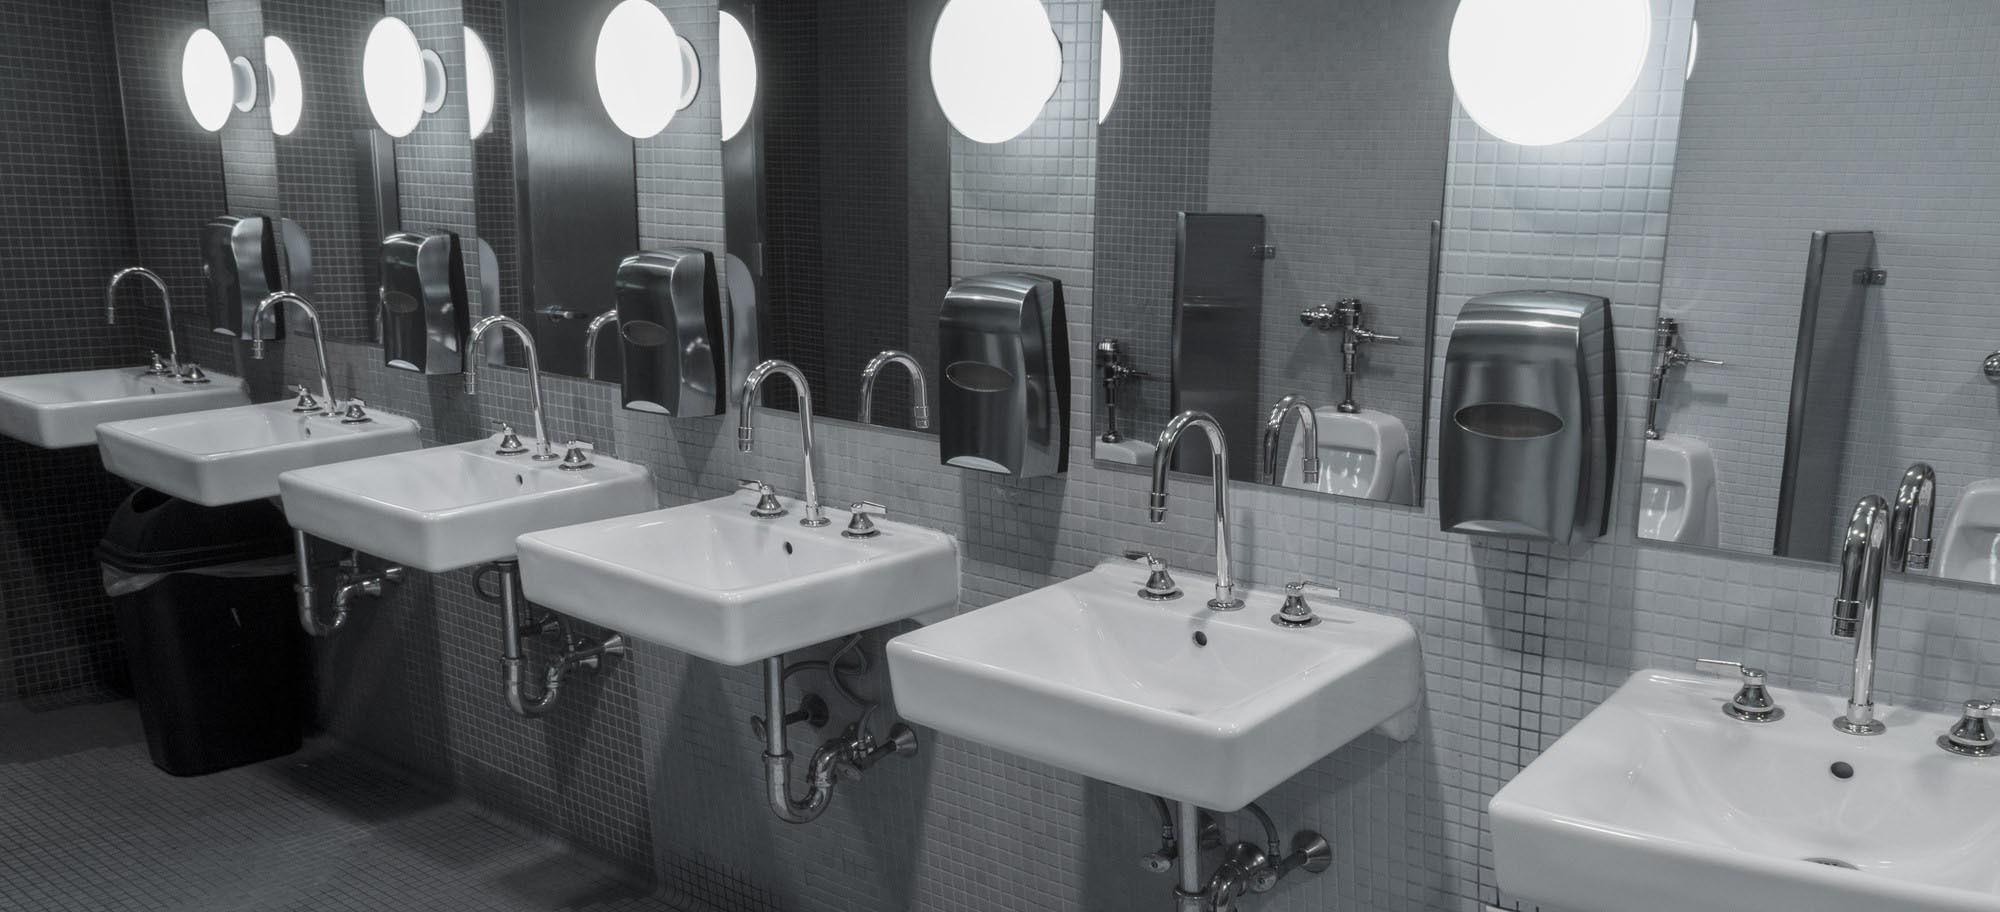 Bathroom Stalls Saskatoon wholesale toilet partitions, school lockers – canadian washroom